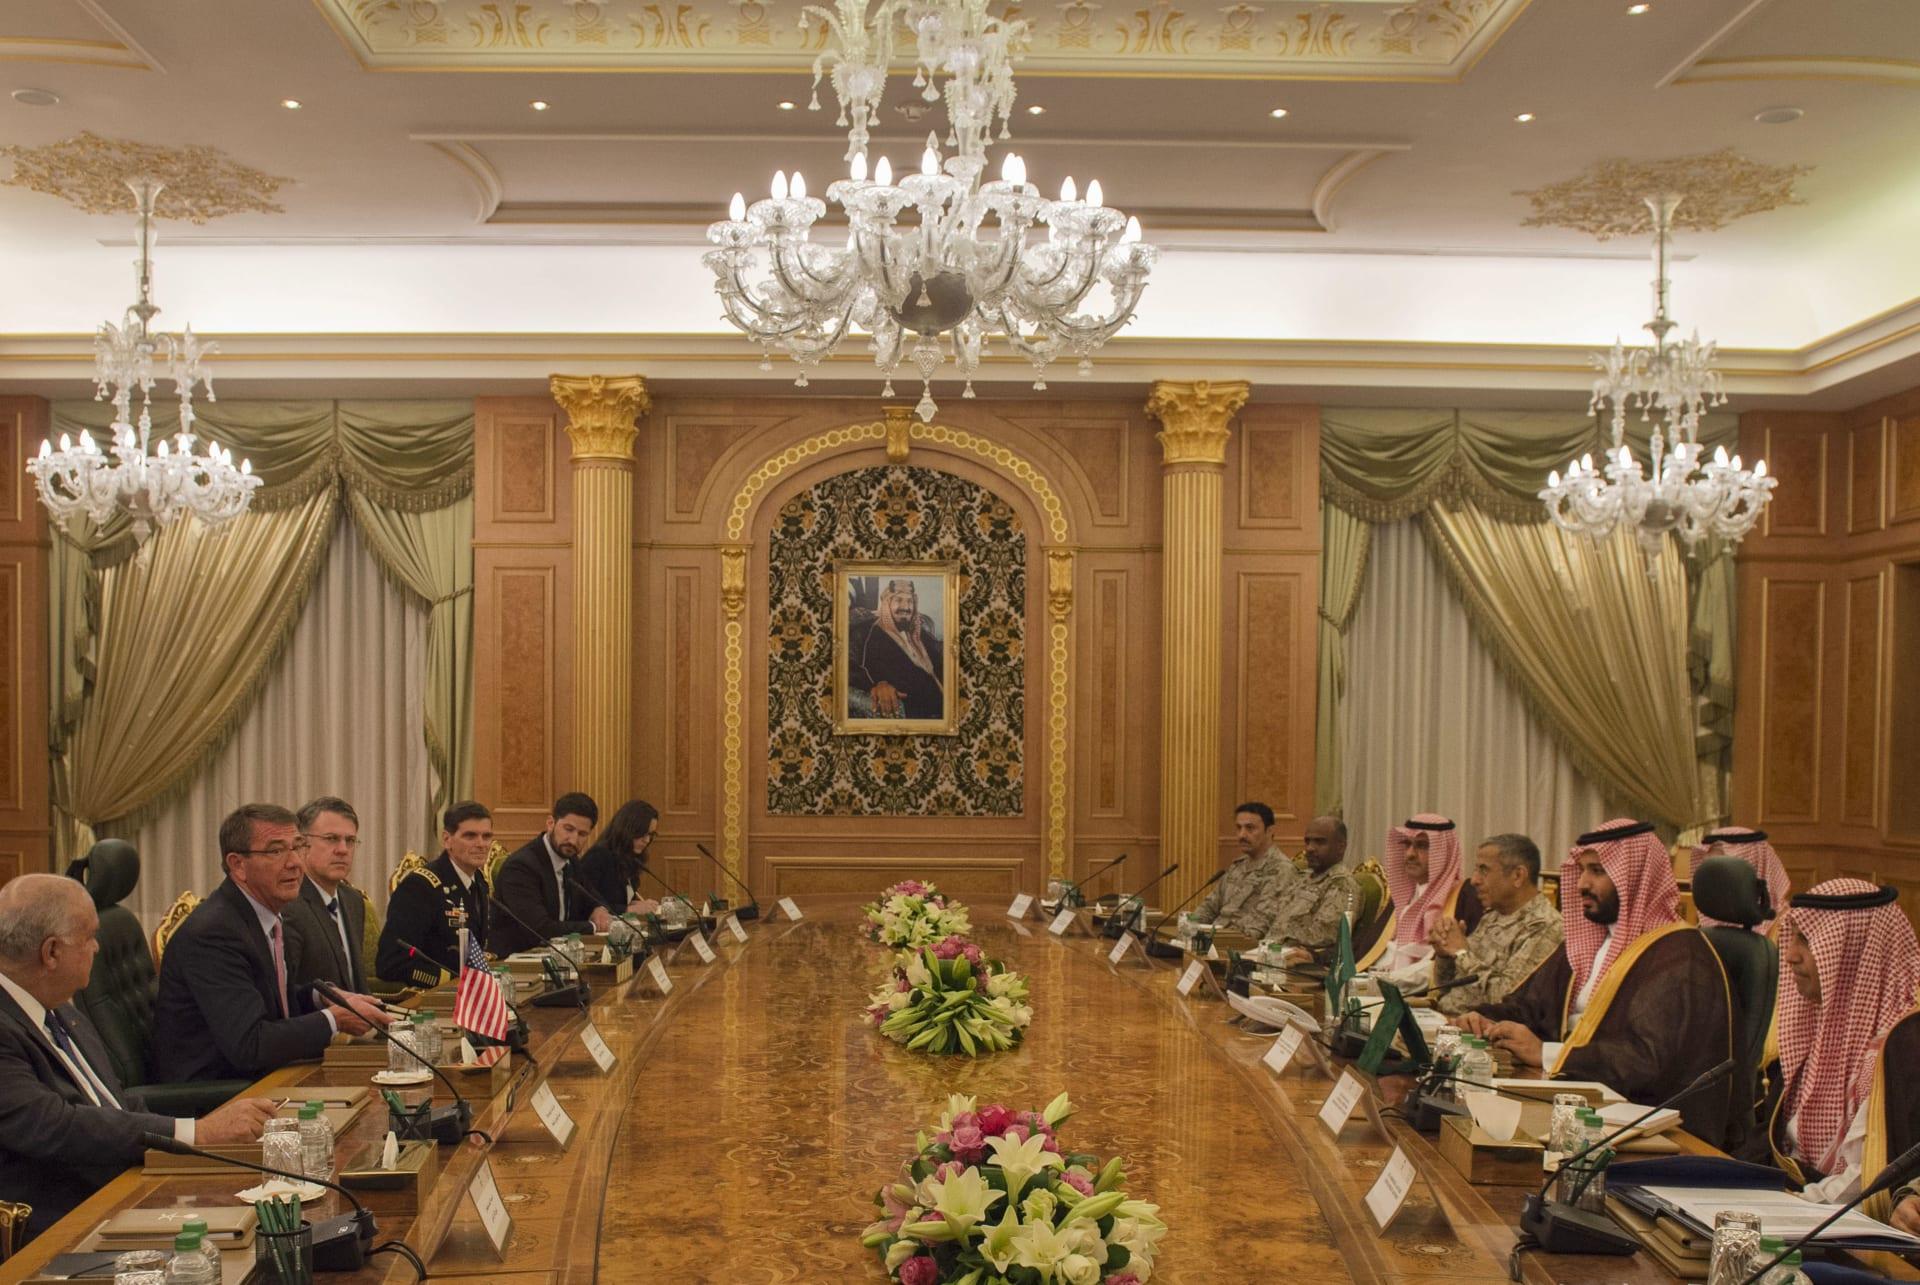 التعاون الخليجي: هذا ما ستقدمه أمريكا لتعزيز قدراتنا العسكرية.. وكارتر: ركزنا على هزيمة داعش ومواجهة إيران